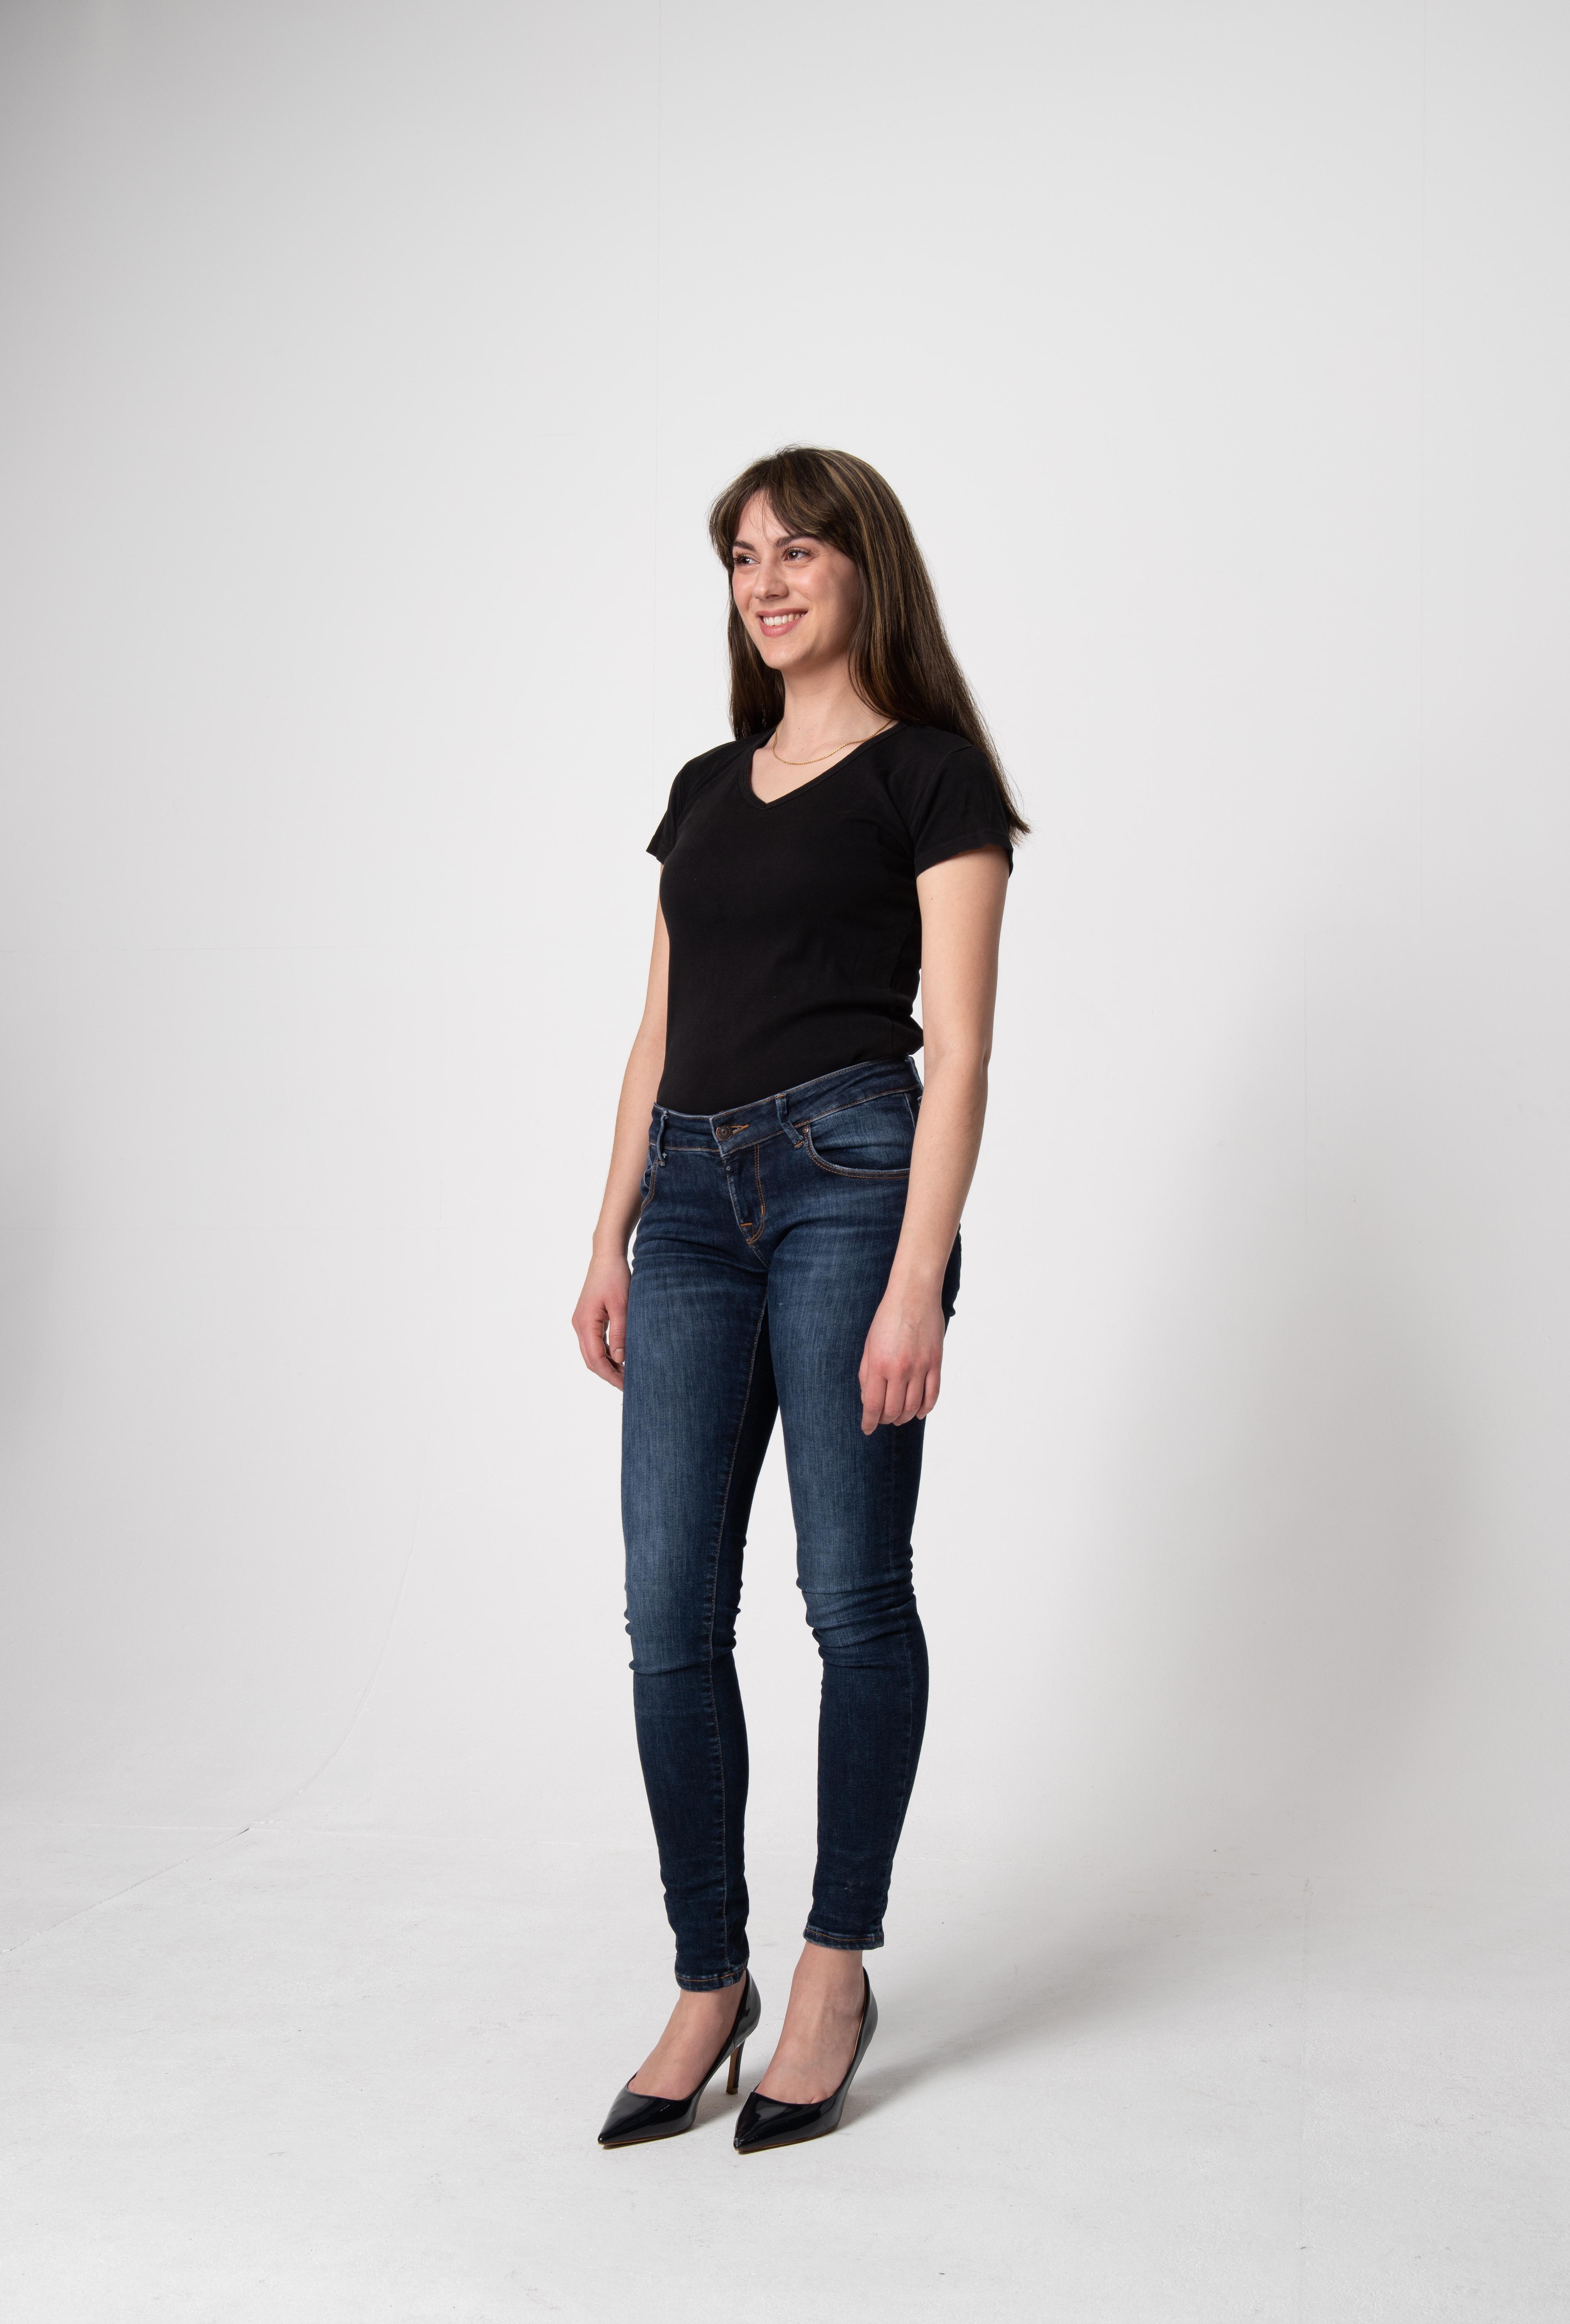 Hostess Cinzia aus Groß-Gerau, Konfektion 36, Studium Französisch, Italienisch, Deutsch (M.Ed.)